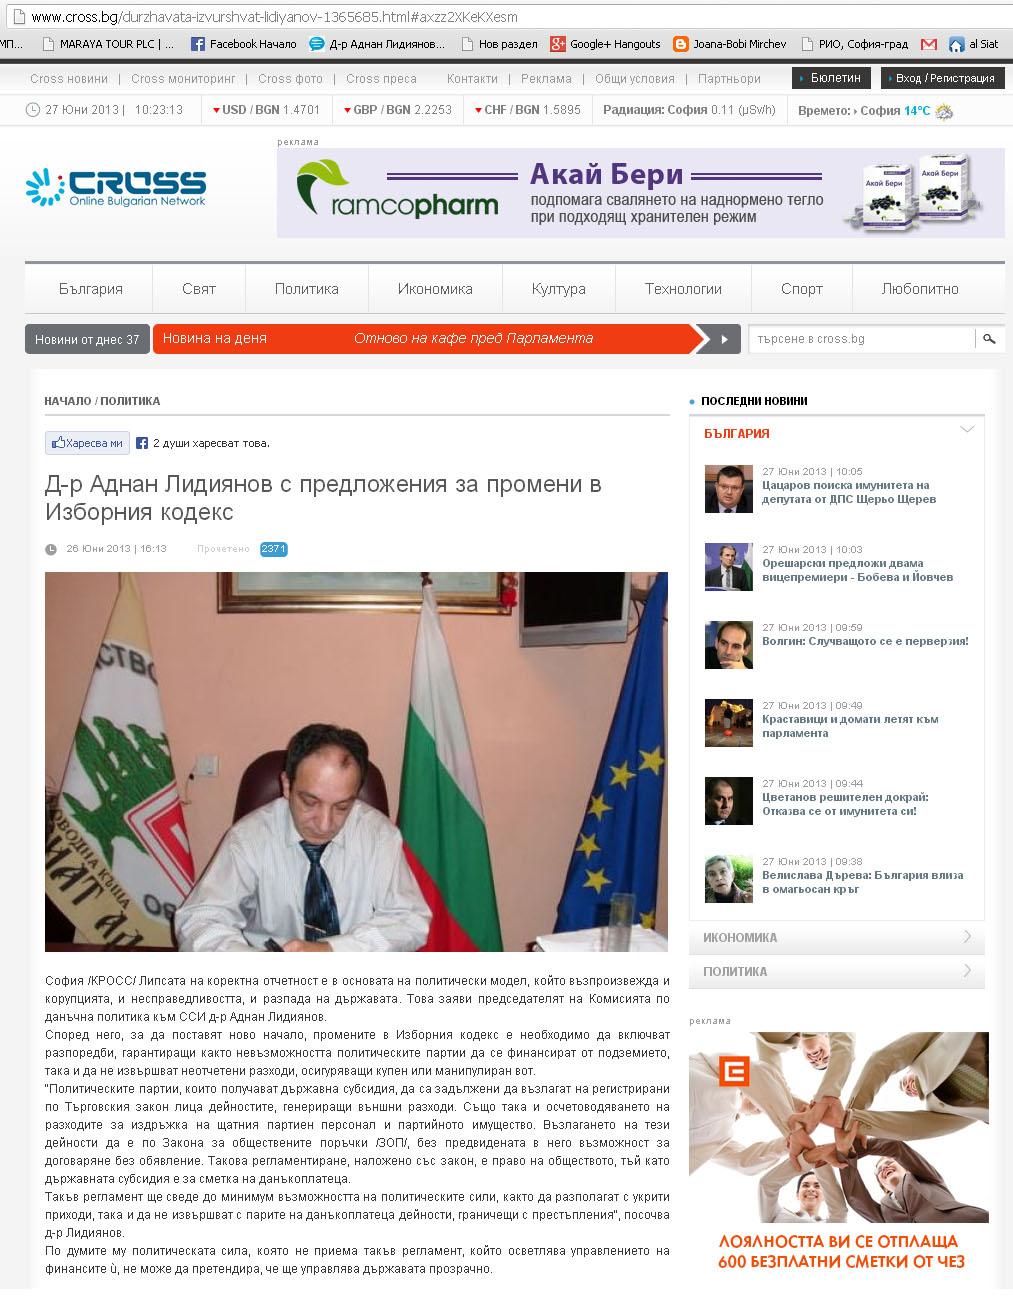 Аднан Лидиянов с предложения за промени в Изборния кодекс